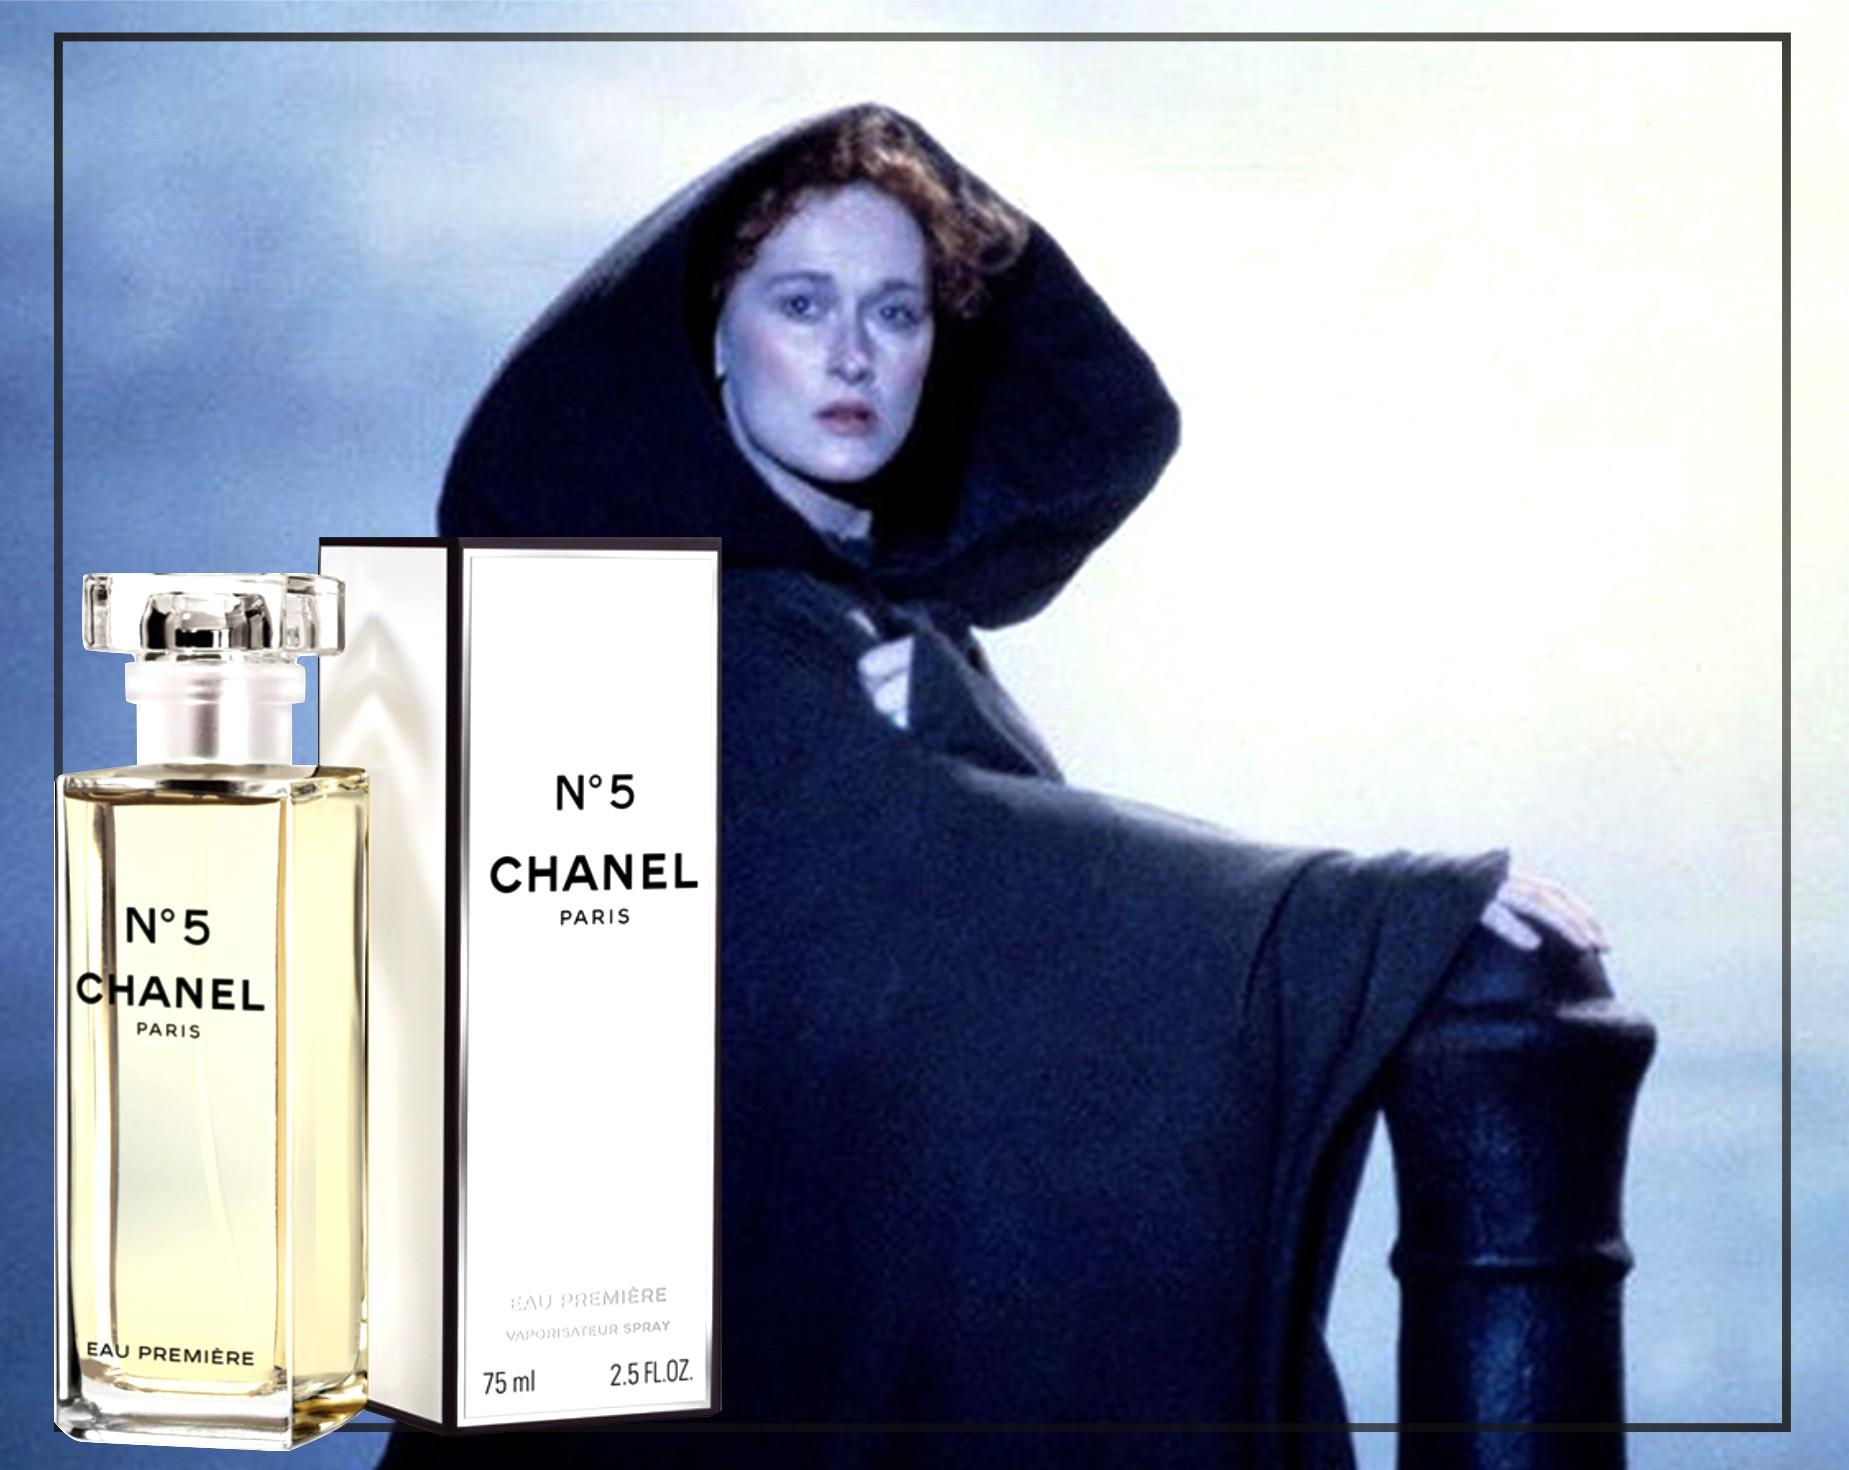 Сара примеряет Chanel №5